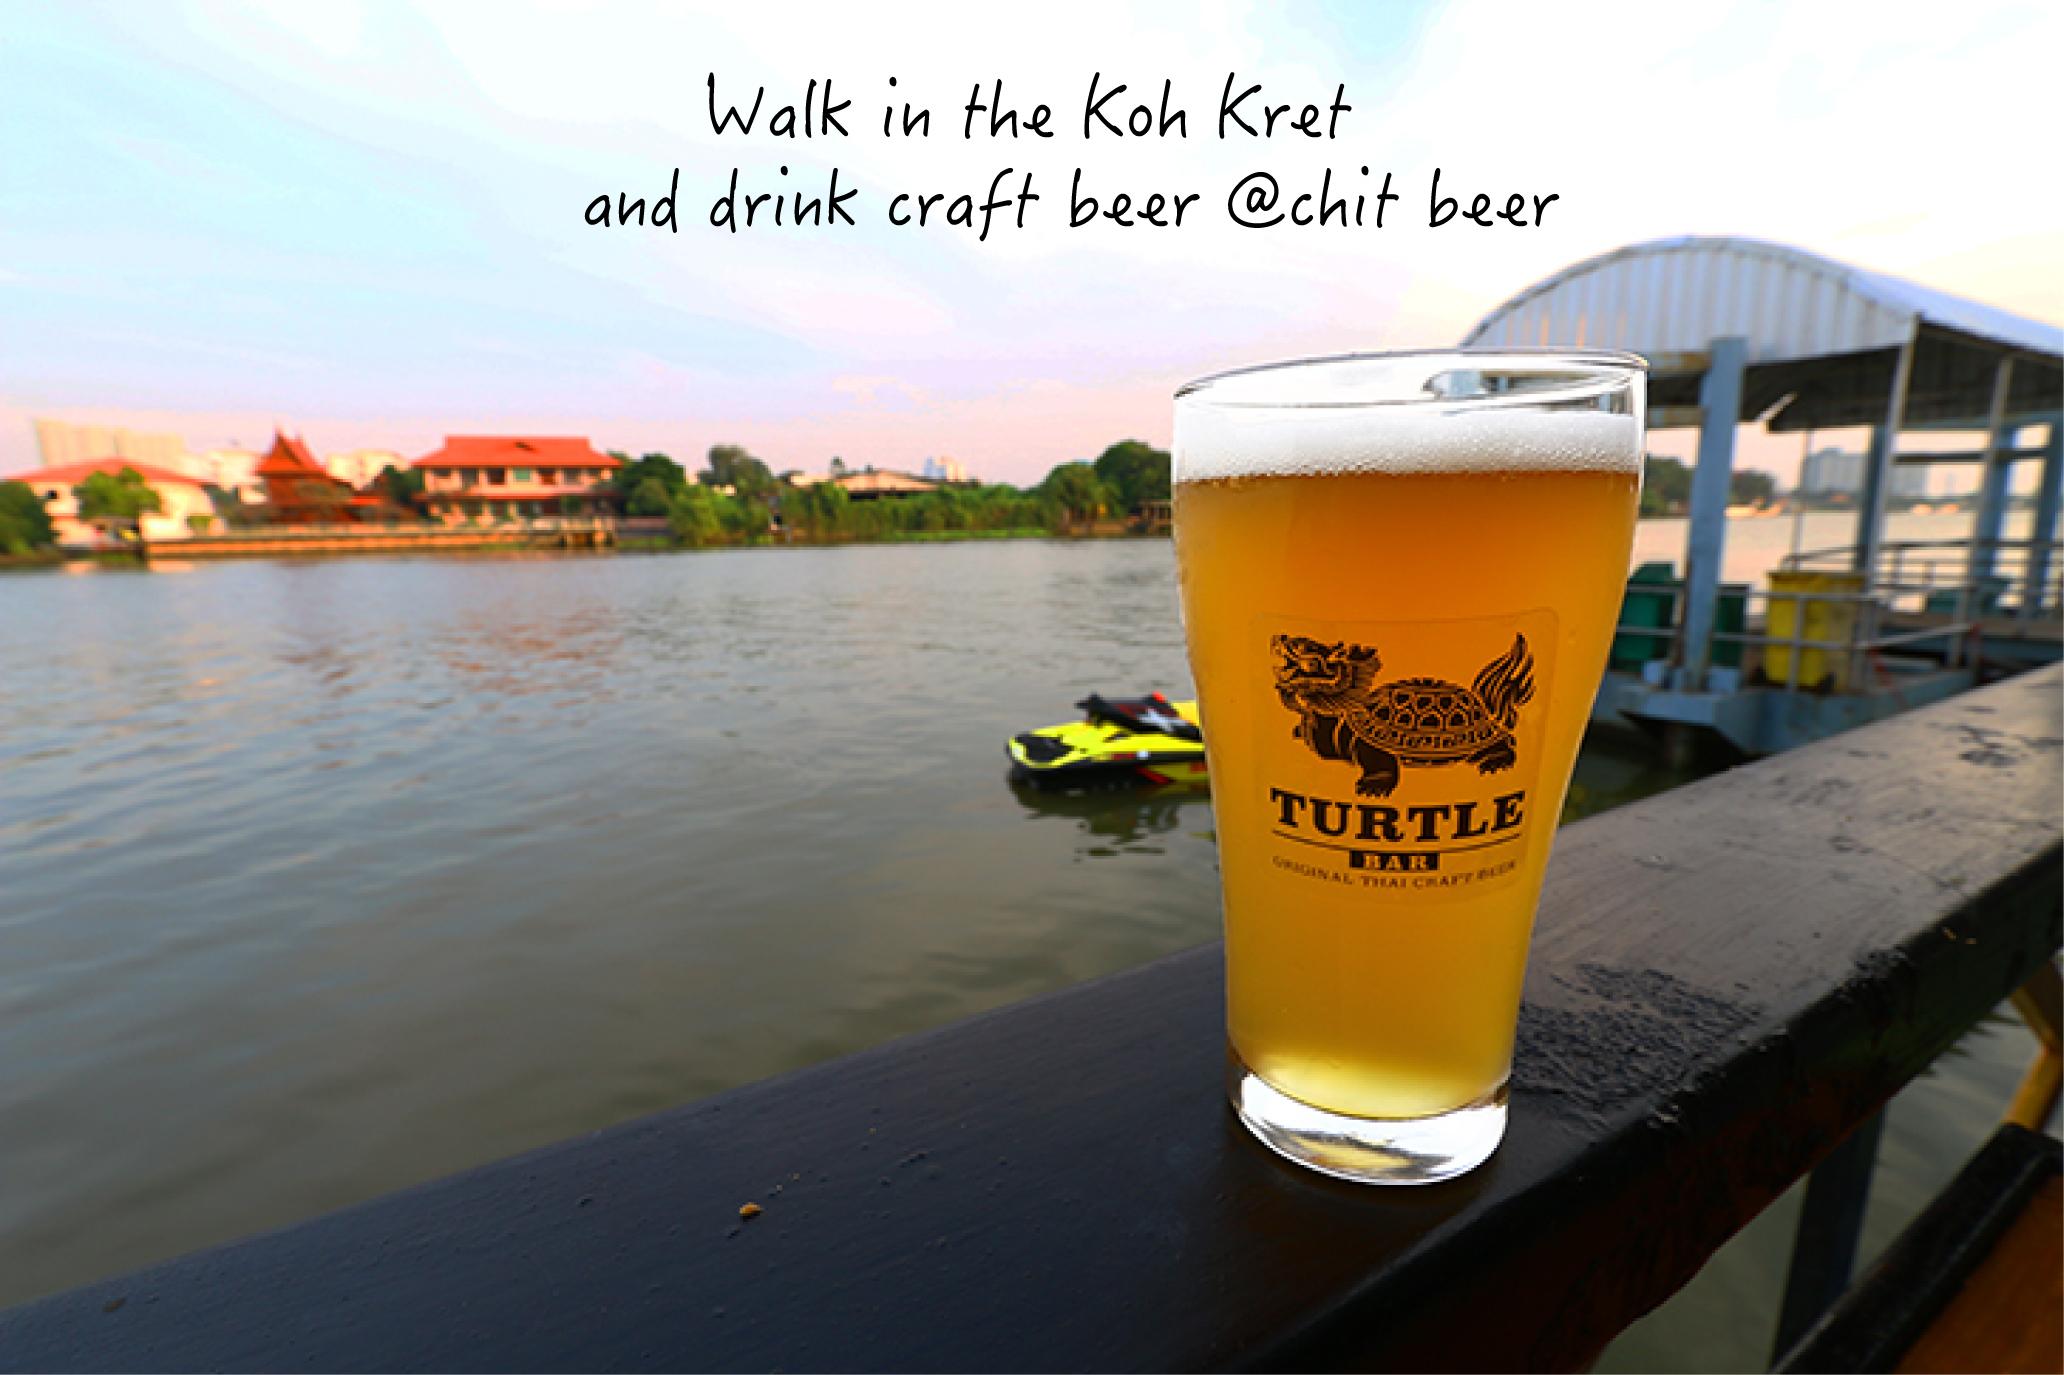 【募集終了】2/17(土) クレット島を散策してクラフトビールを飲もう!ツアー